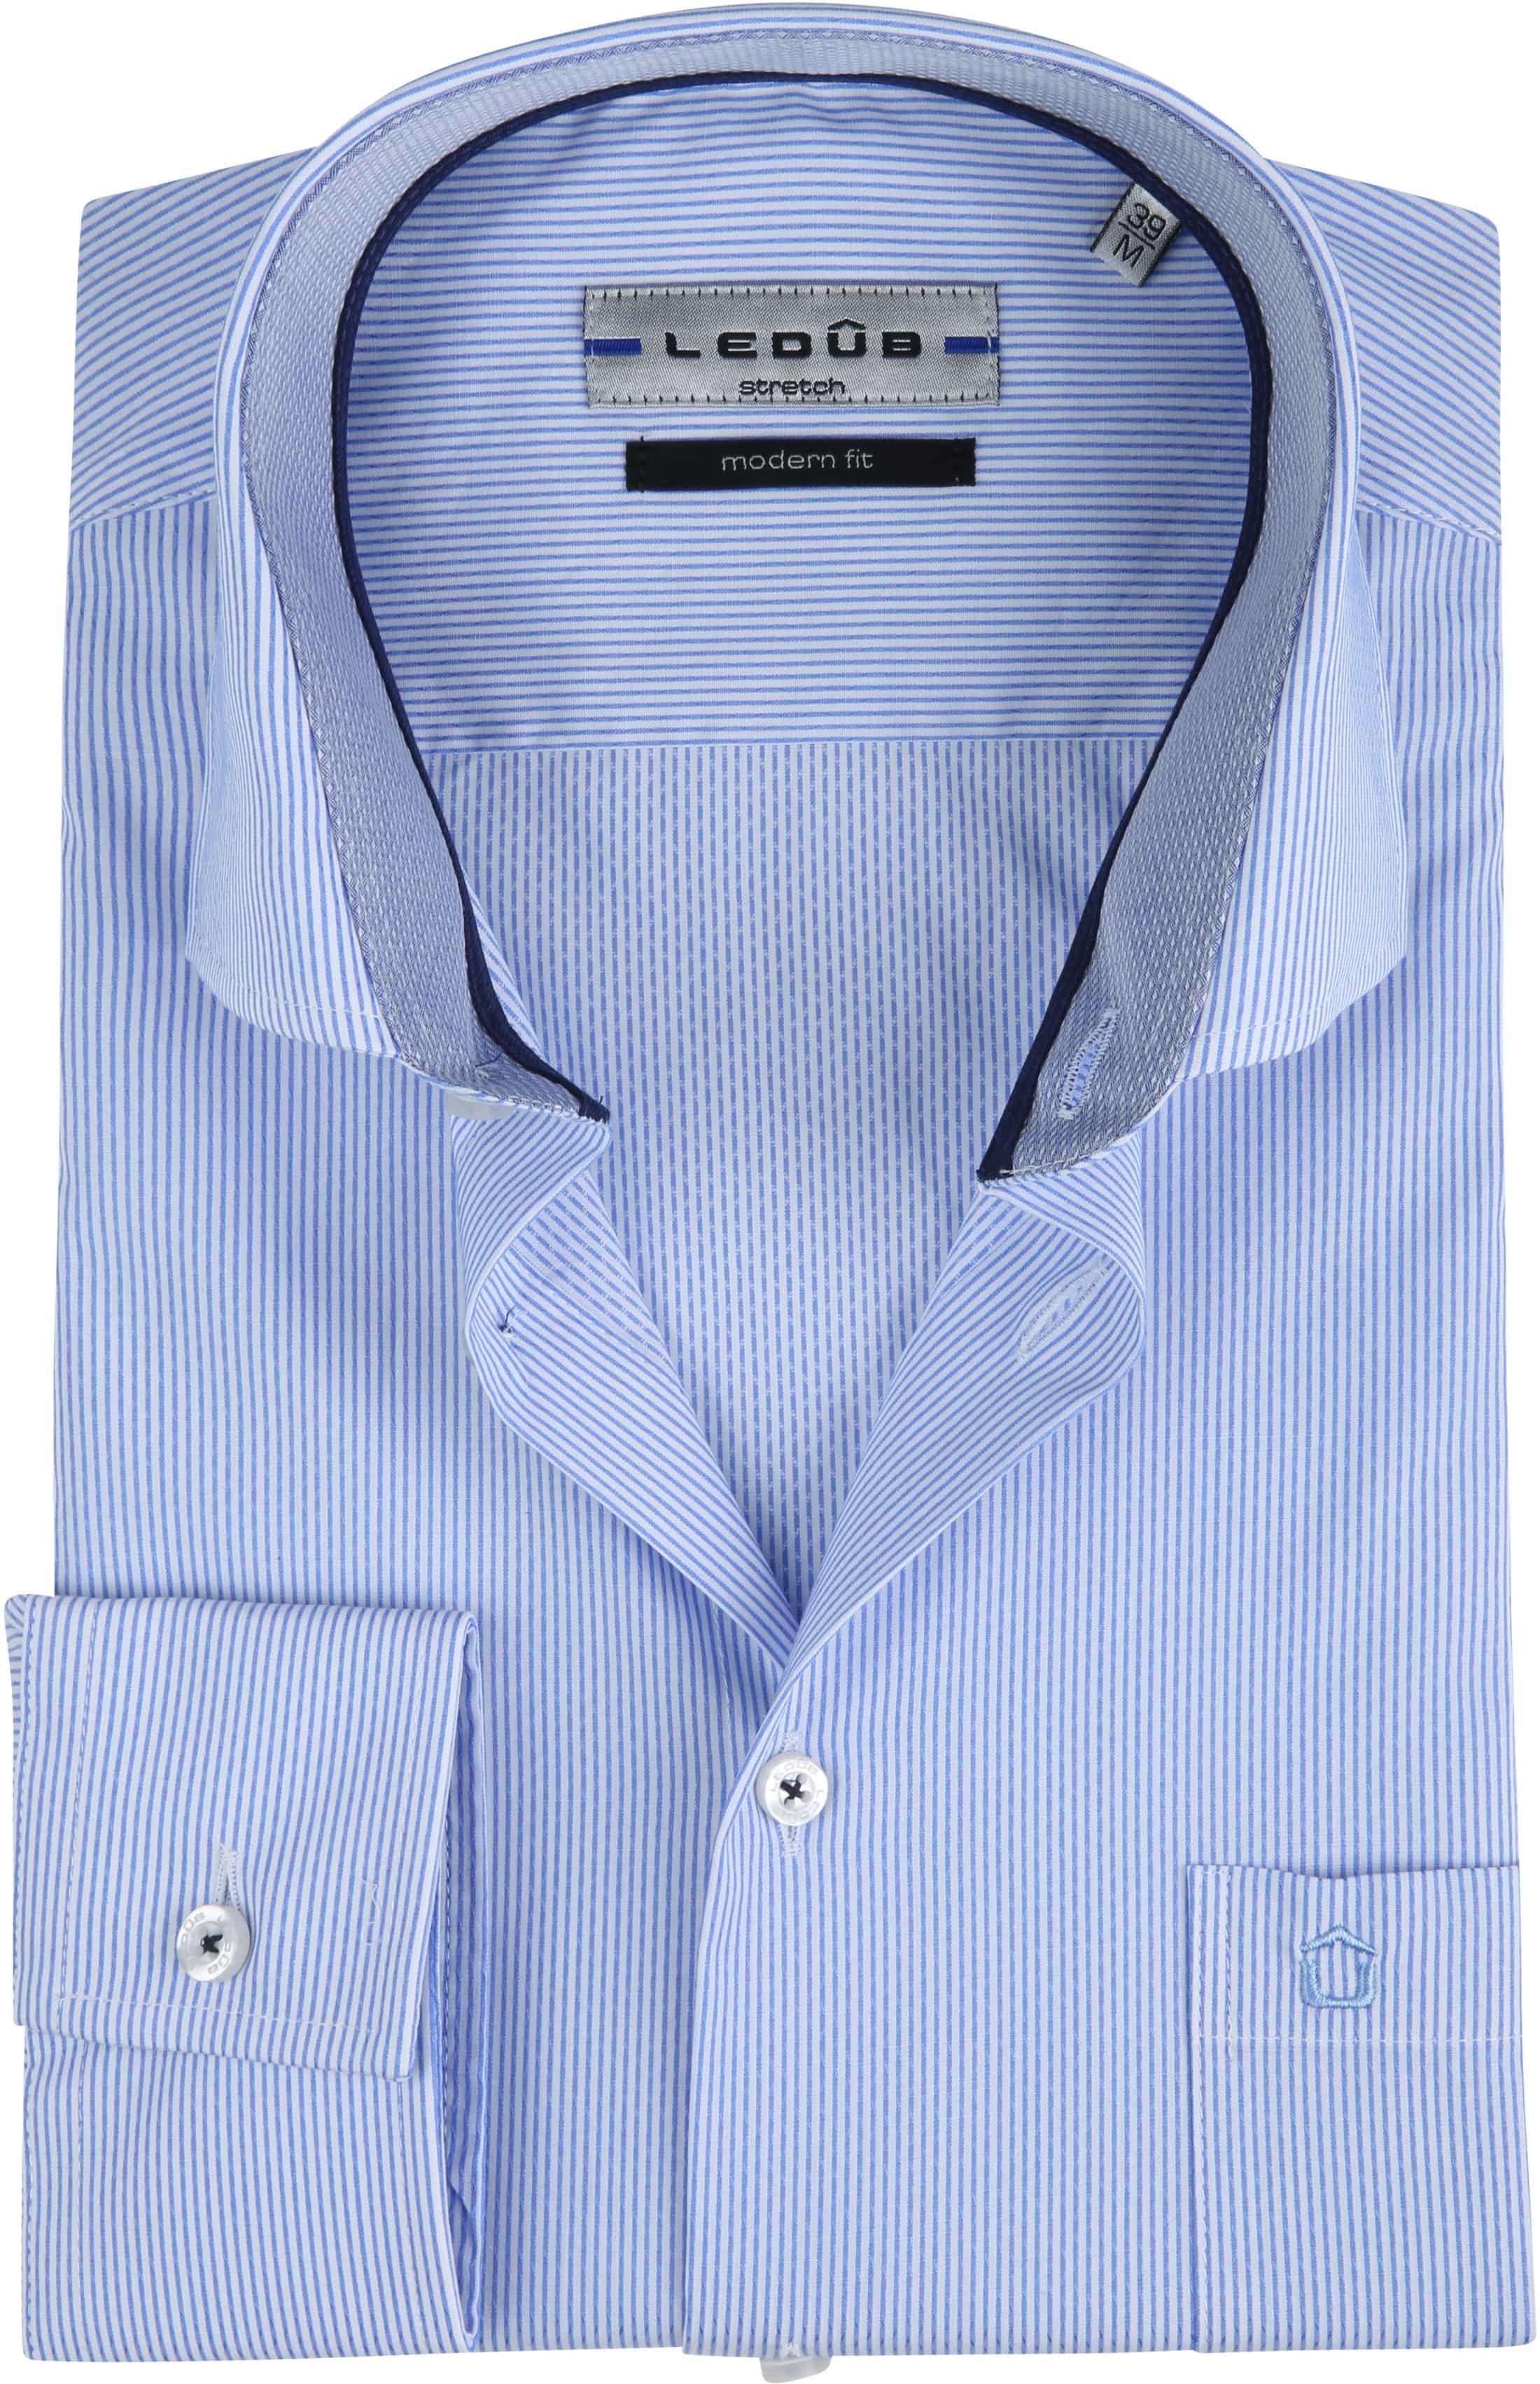 Ledub Hemd Stretch Streifen Blau foto 0